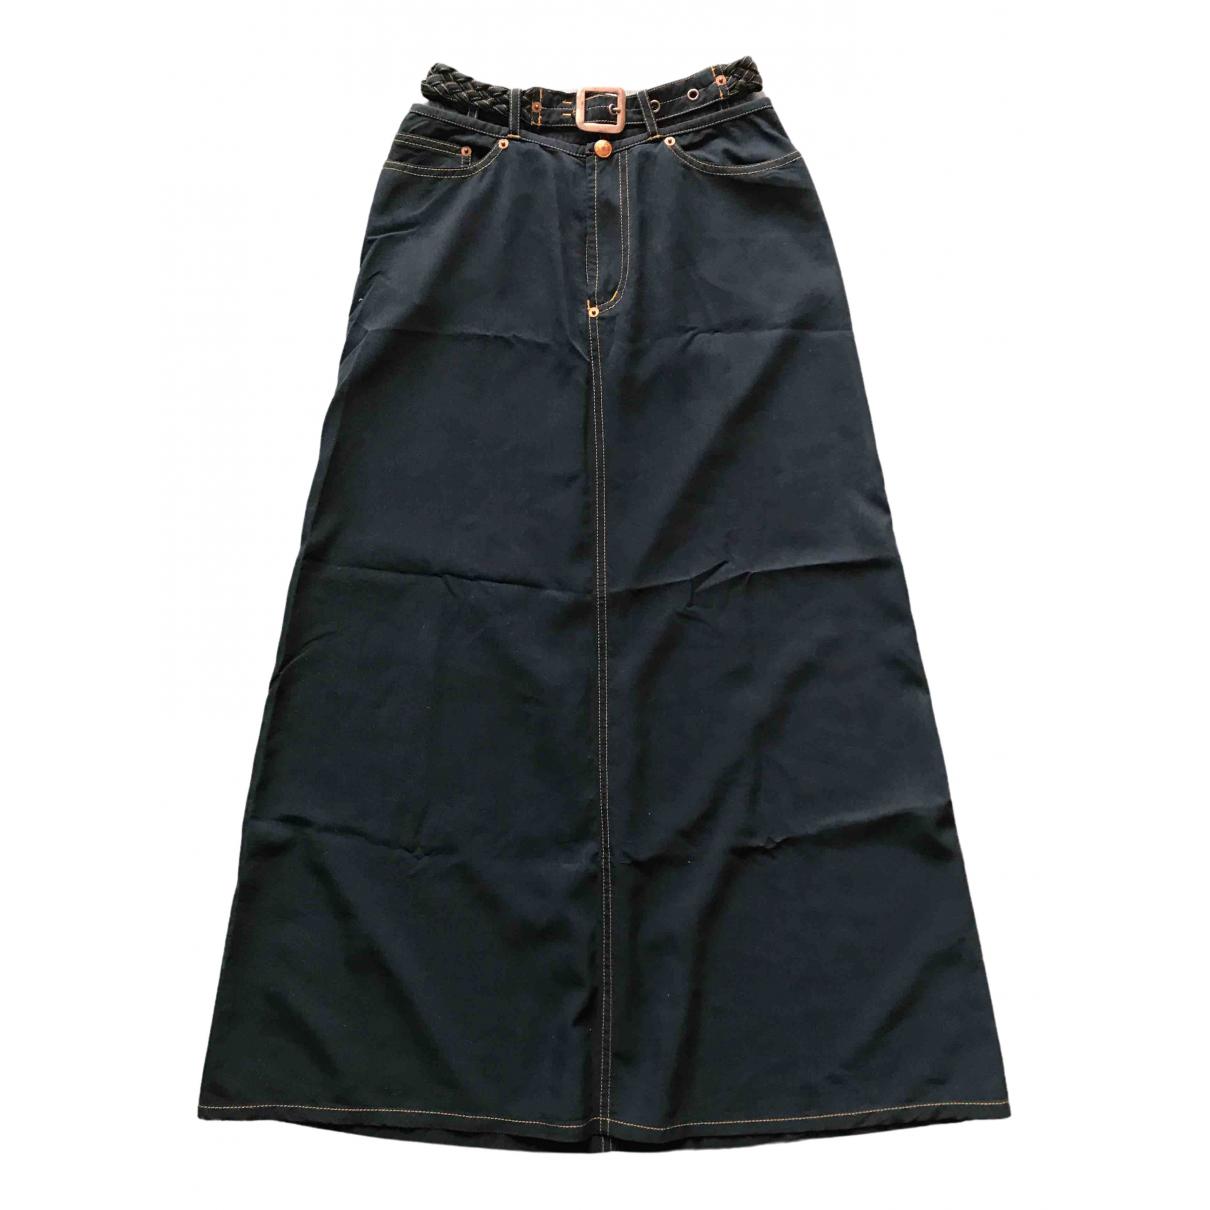 Jean Paul Gaultier \N Navy skirt for Women 36 FR